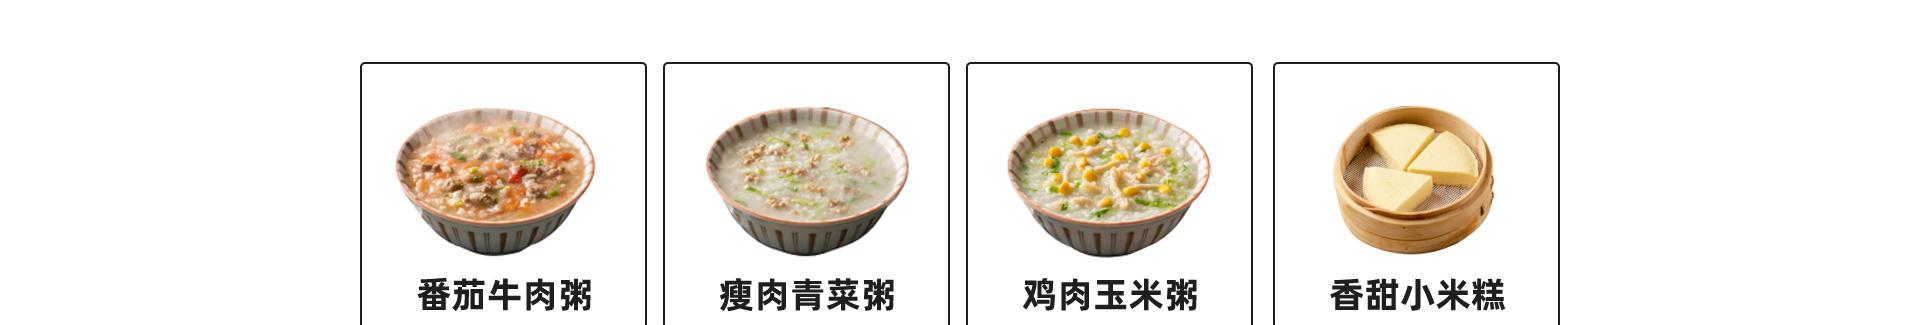 曼玲粥店详情_10